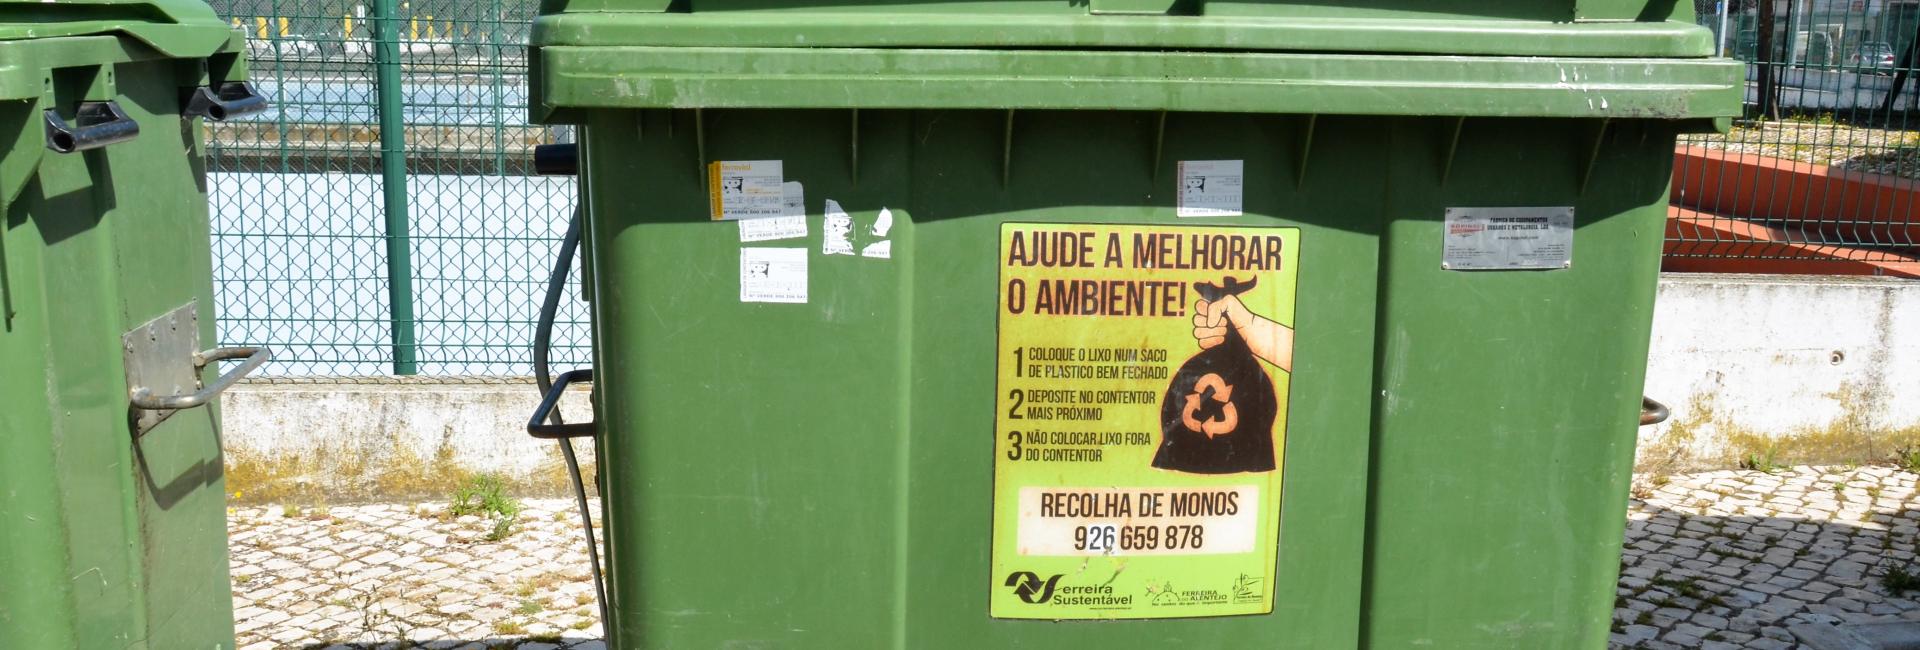 (Português) Município lança campanha de sensibilização